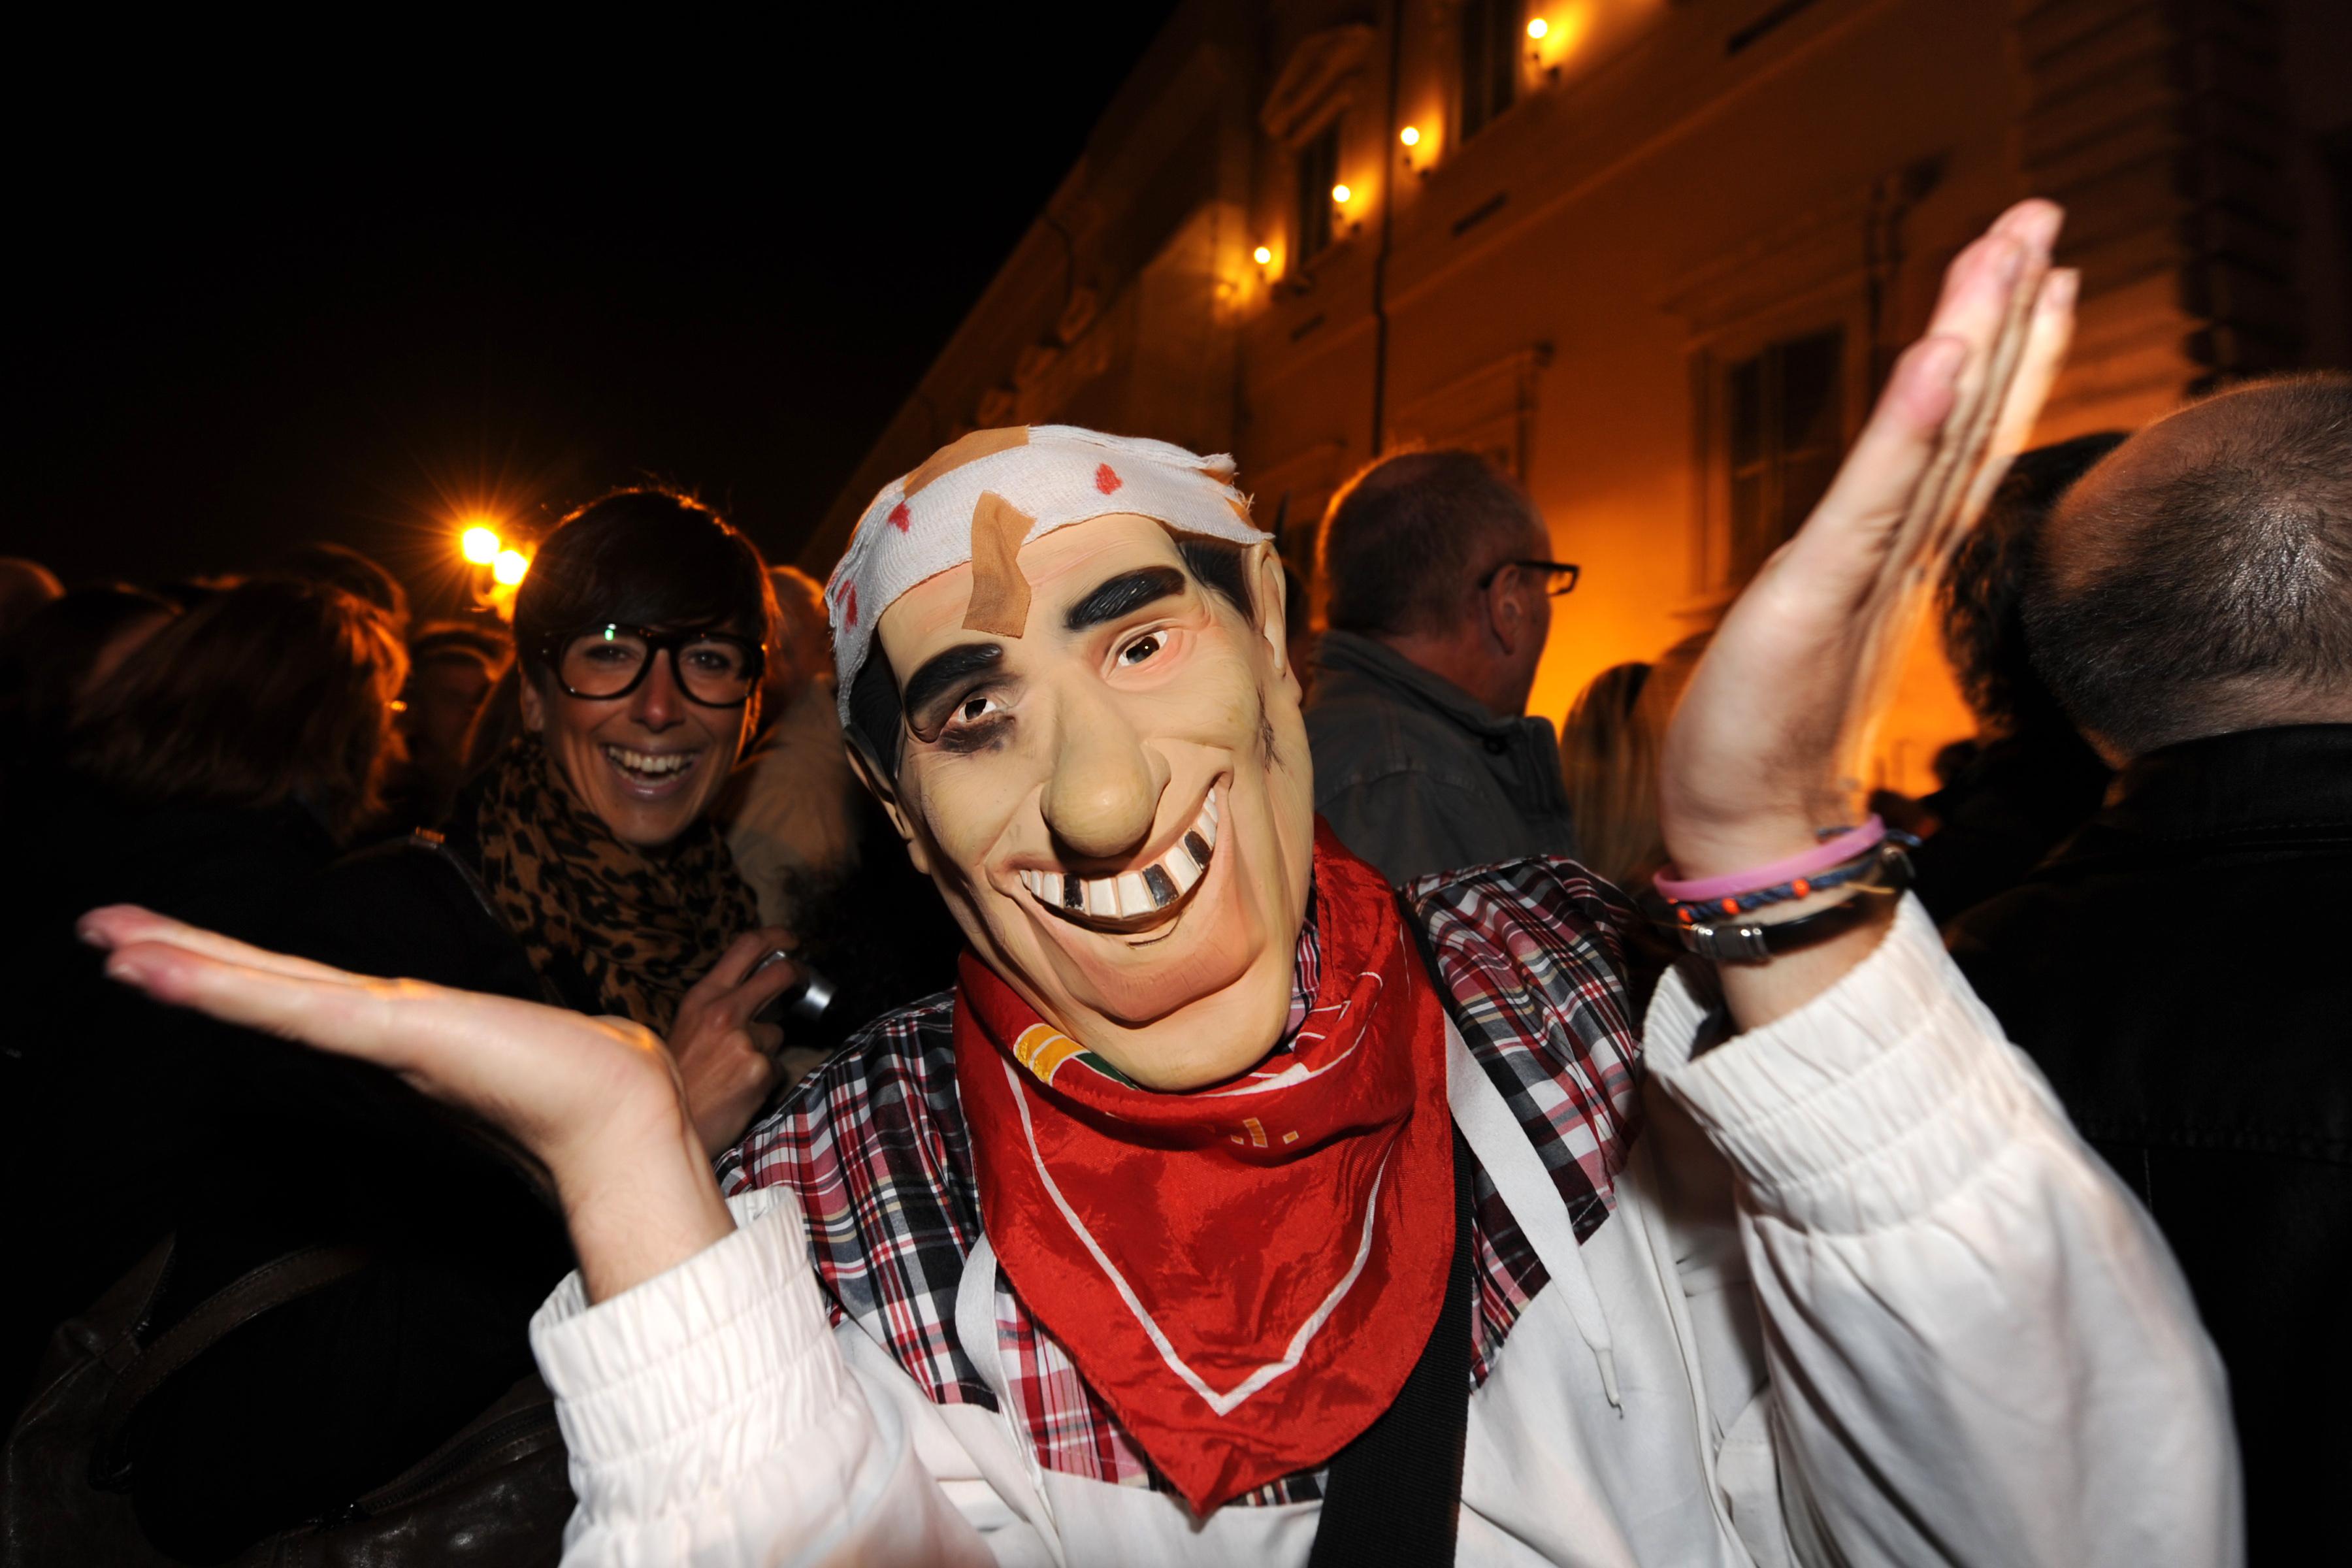 Італійці святкують відставку прем'єр-міністра Італії Сільвіо Берлусконі. Фото: Gabriel Bouys/Getty Images